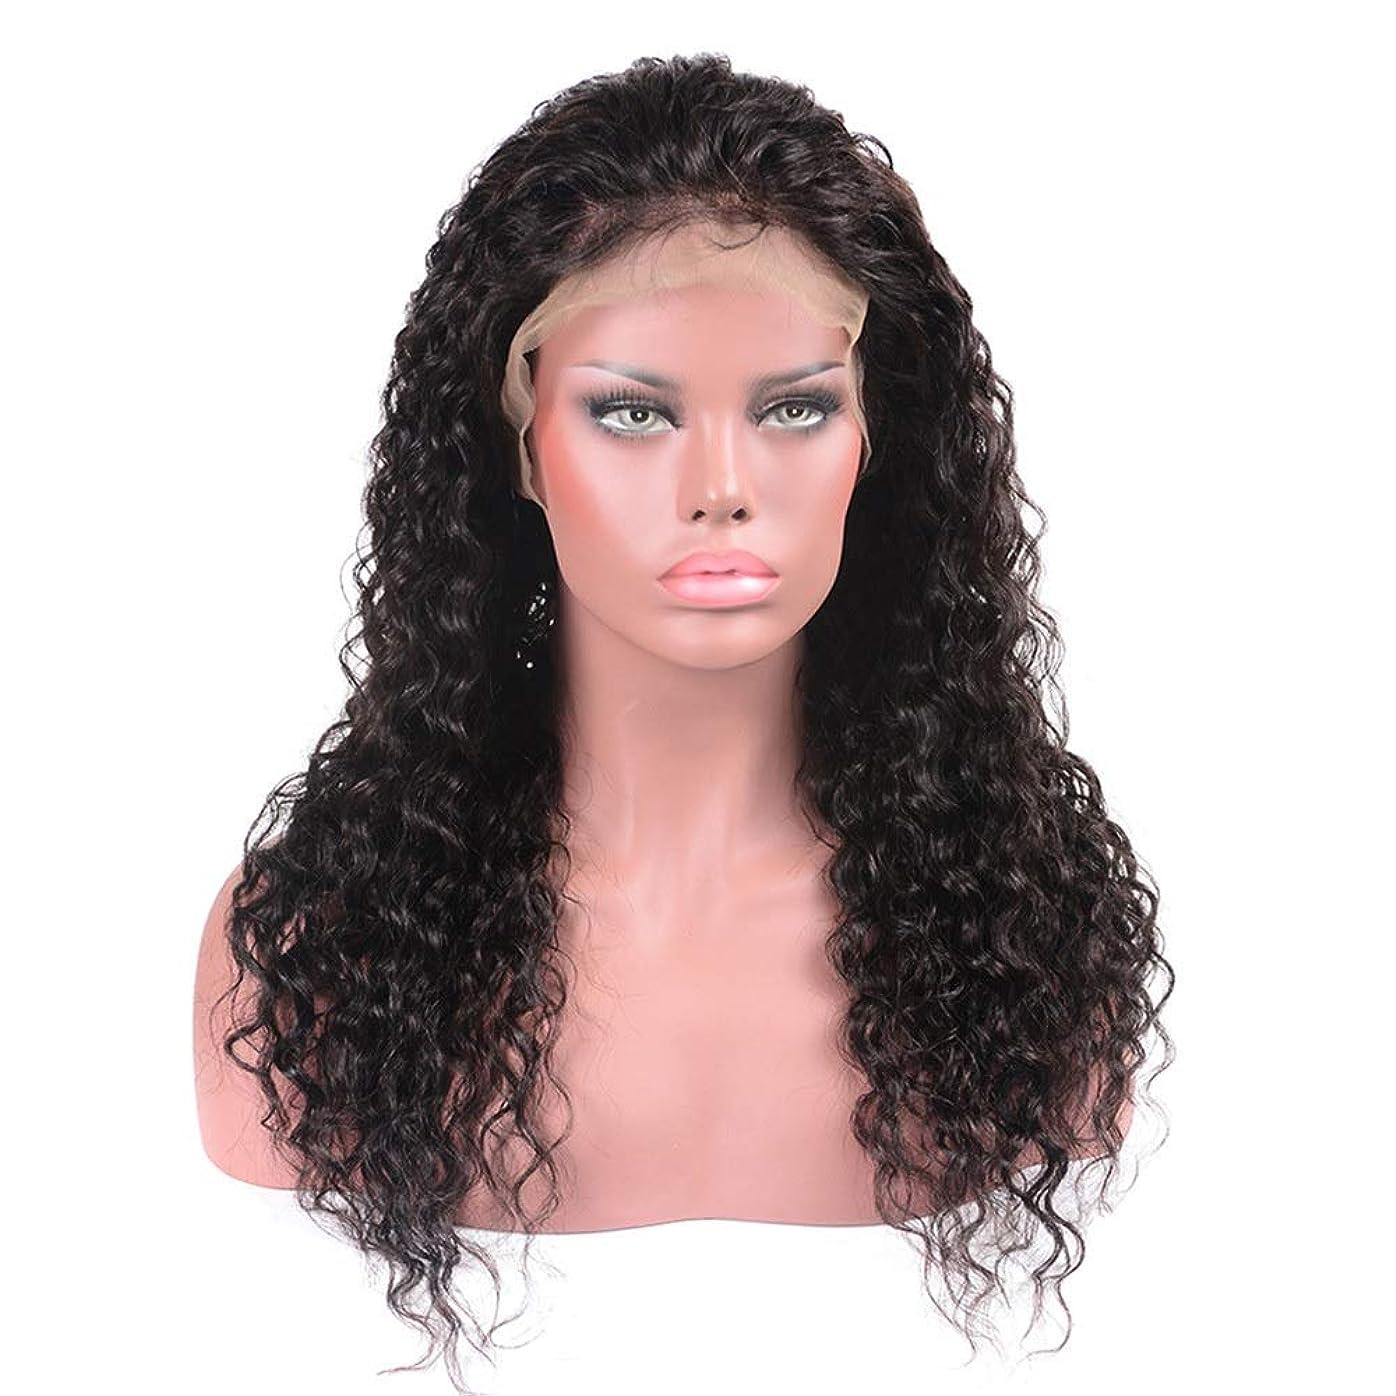 猛烈な変動する捧げるHOHYLLYA ブラジルの髪の水の波ロングカーリーウィッグ100%本物の人間の髪の毛のレースフロントかつら(8インチ - 22インチ)パーティーウィッグ (色 : 黒, サイズ : 22 inch)